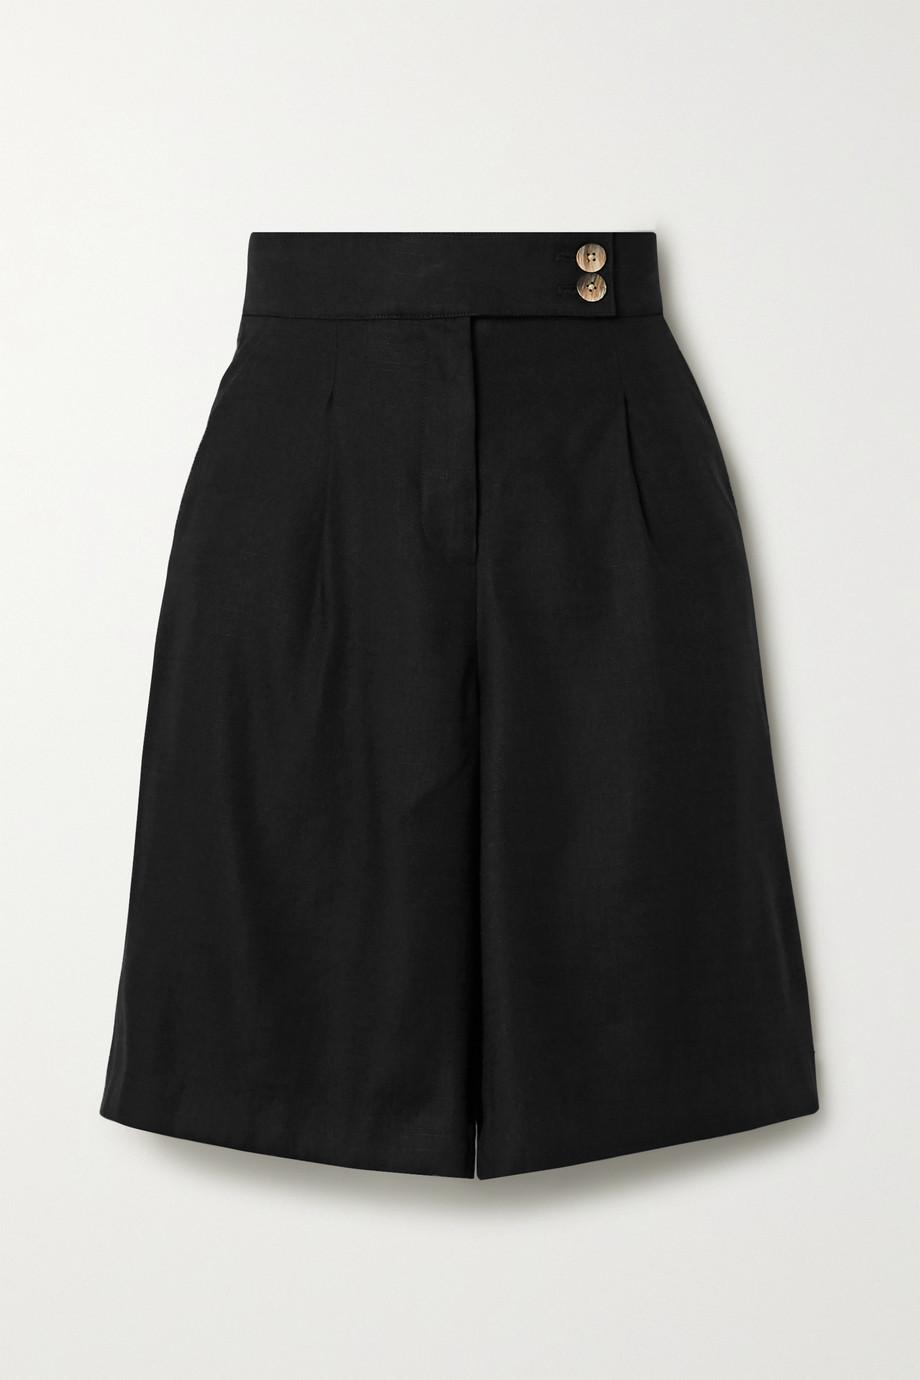 Veronica Beard Saira pleated linen-blend shorts